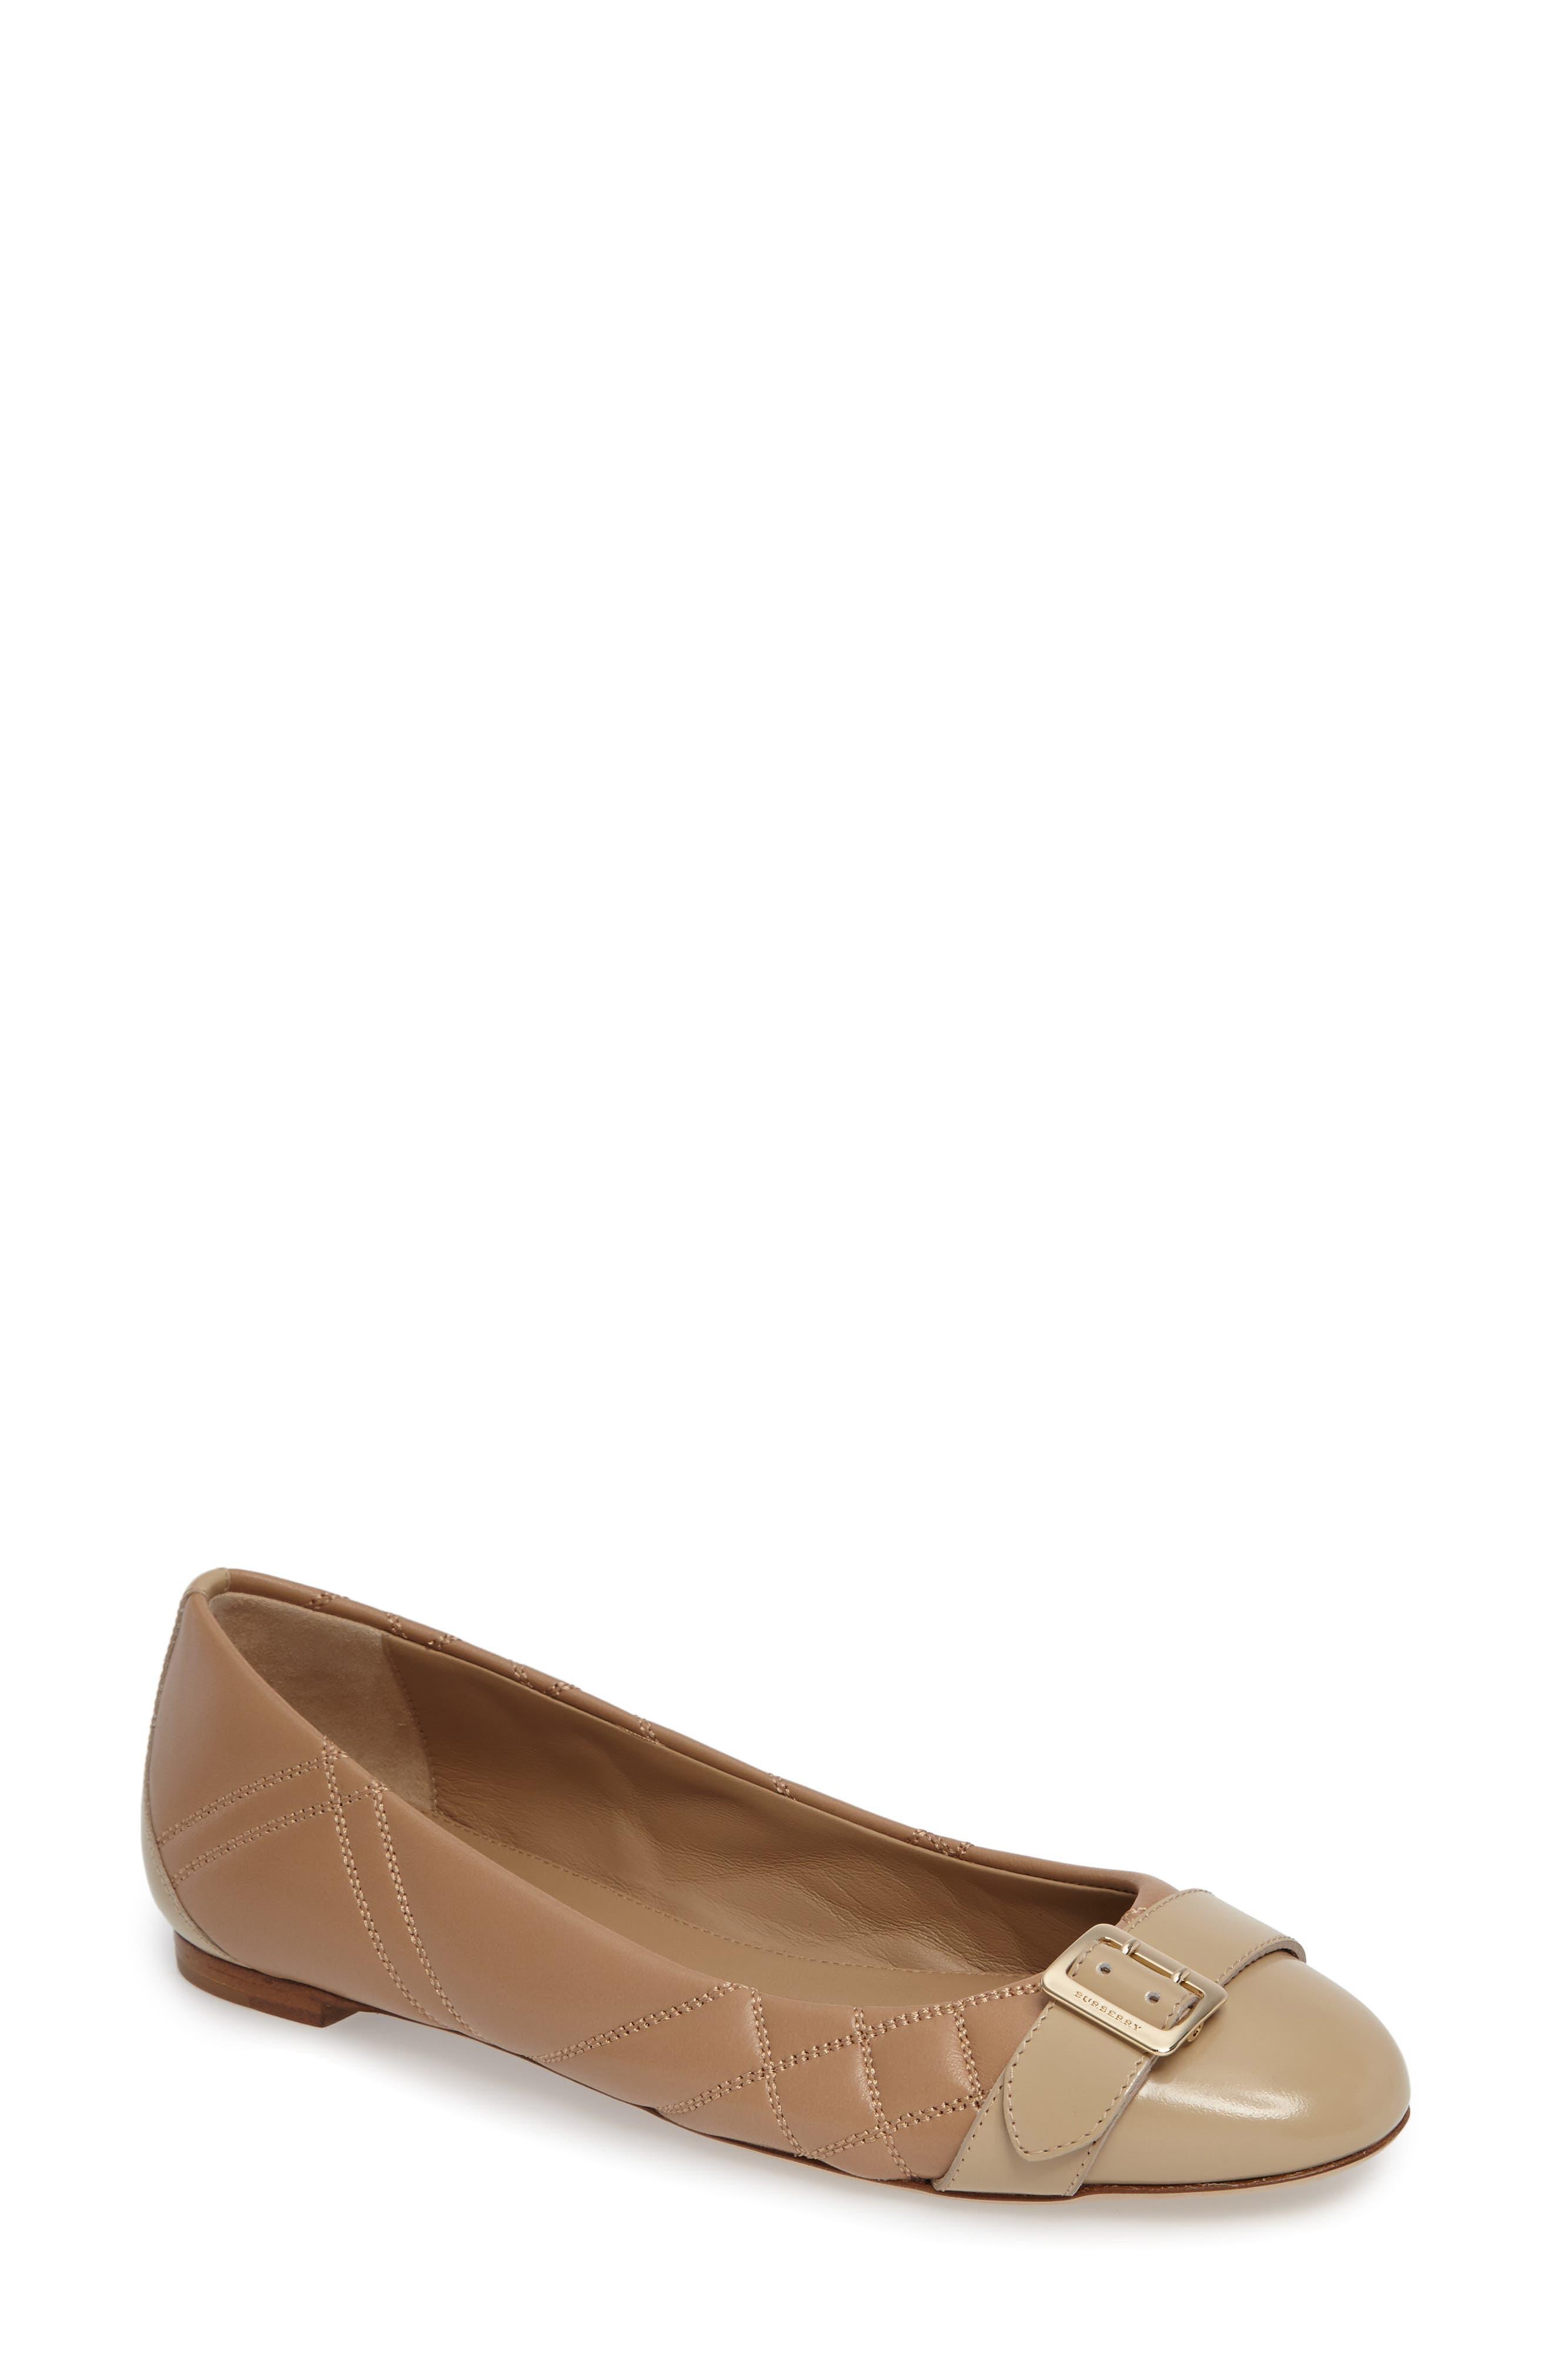 Burberry Quilted Ballerina Flat (Women)